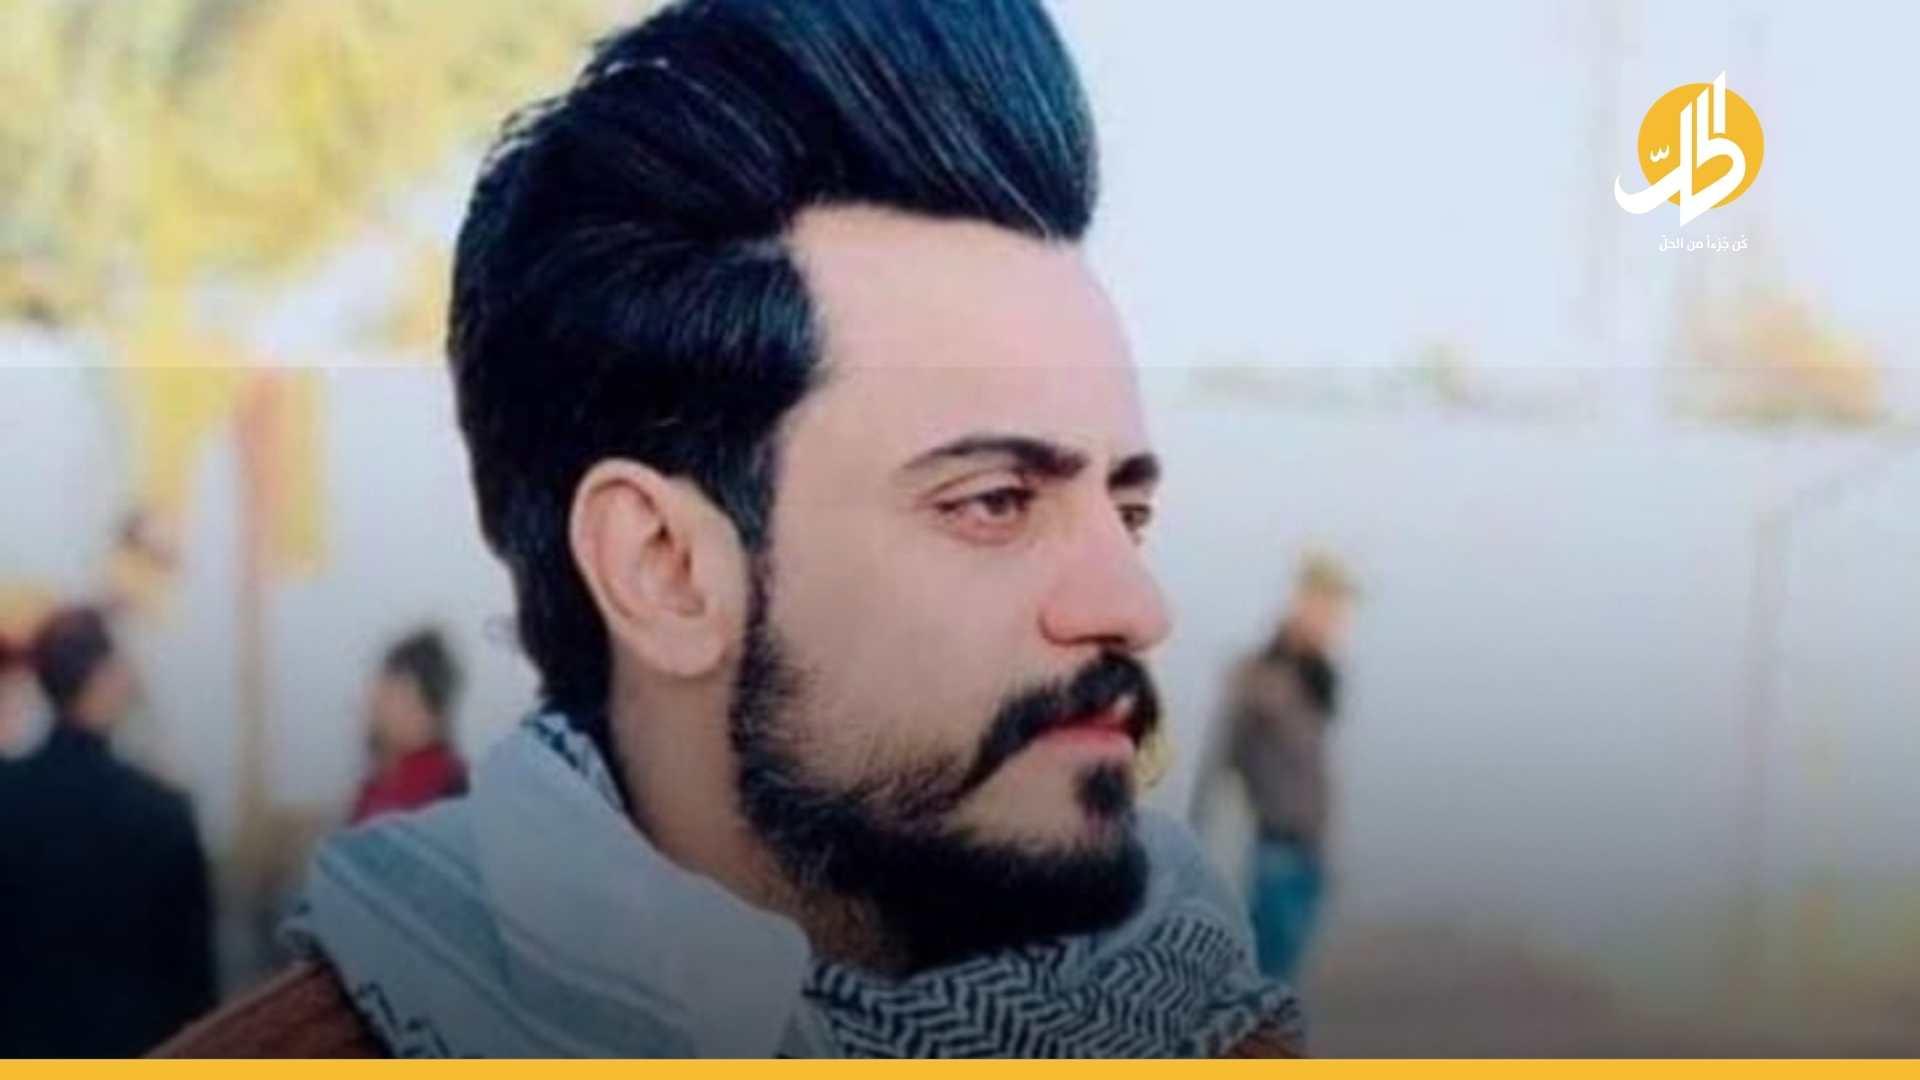 """العراق: السجن 6 سنوات لرجل أمن قتلَ المُتظاهر البصري """"عُمَر فاضل"""""""